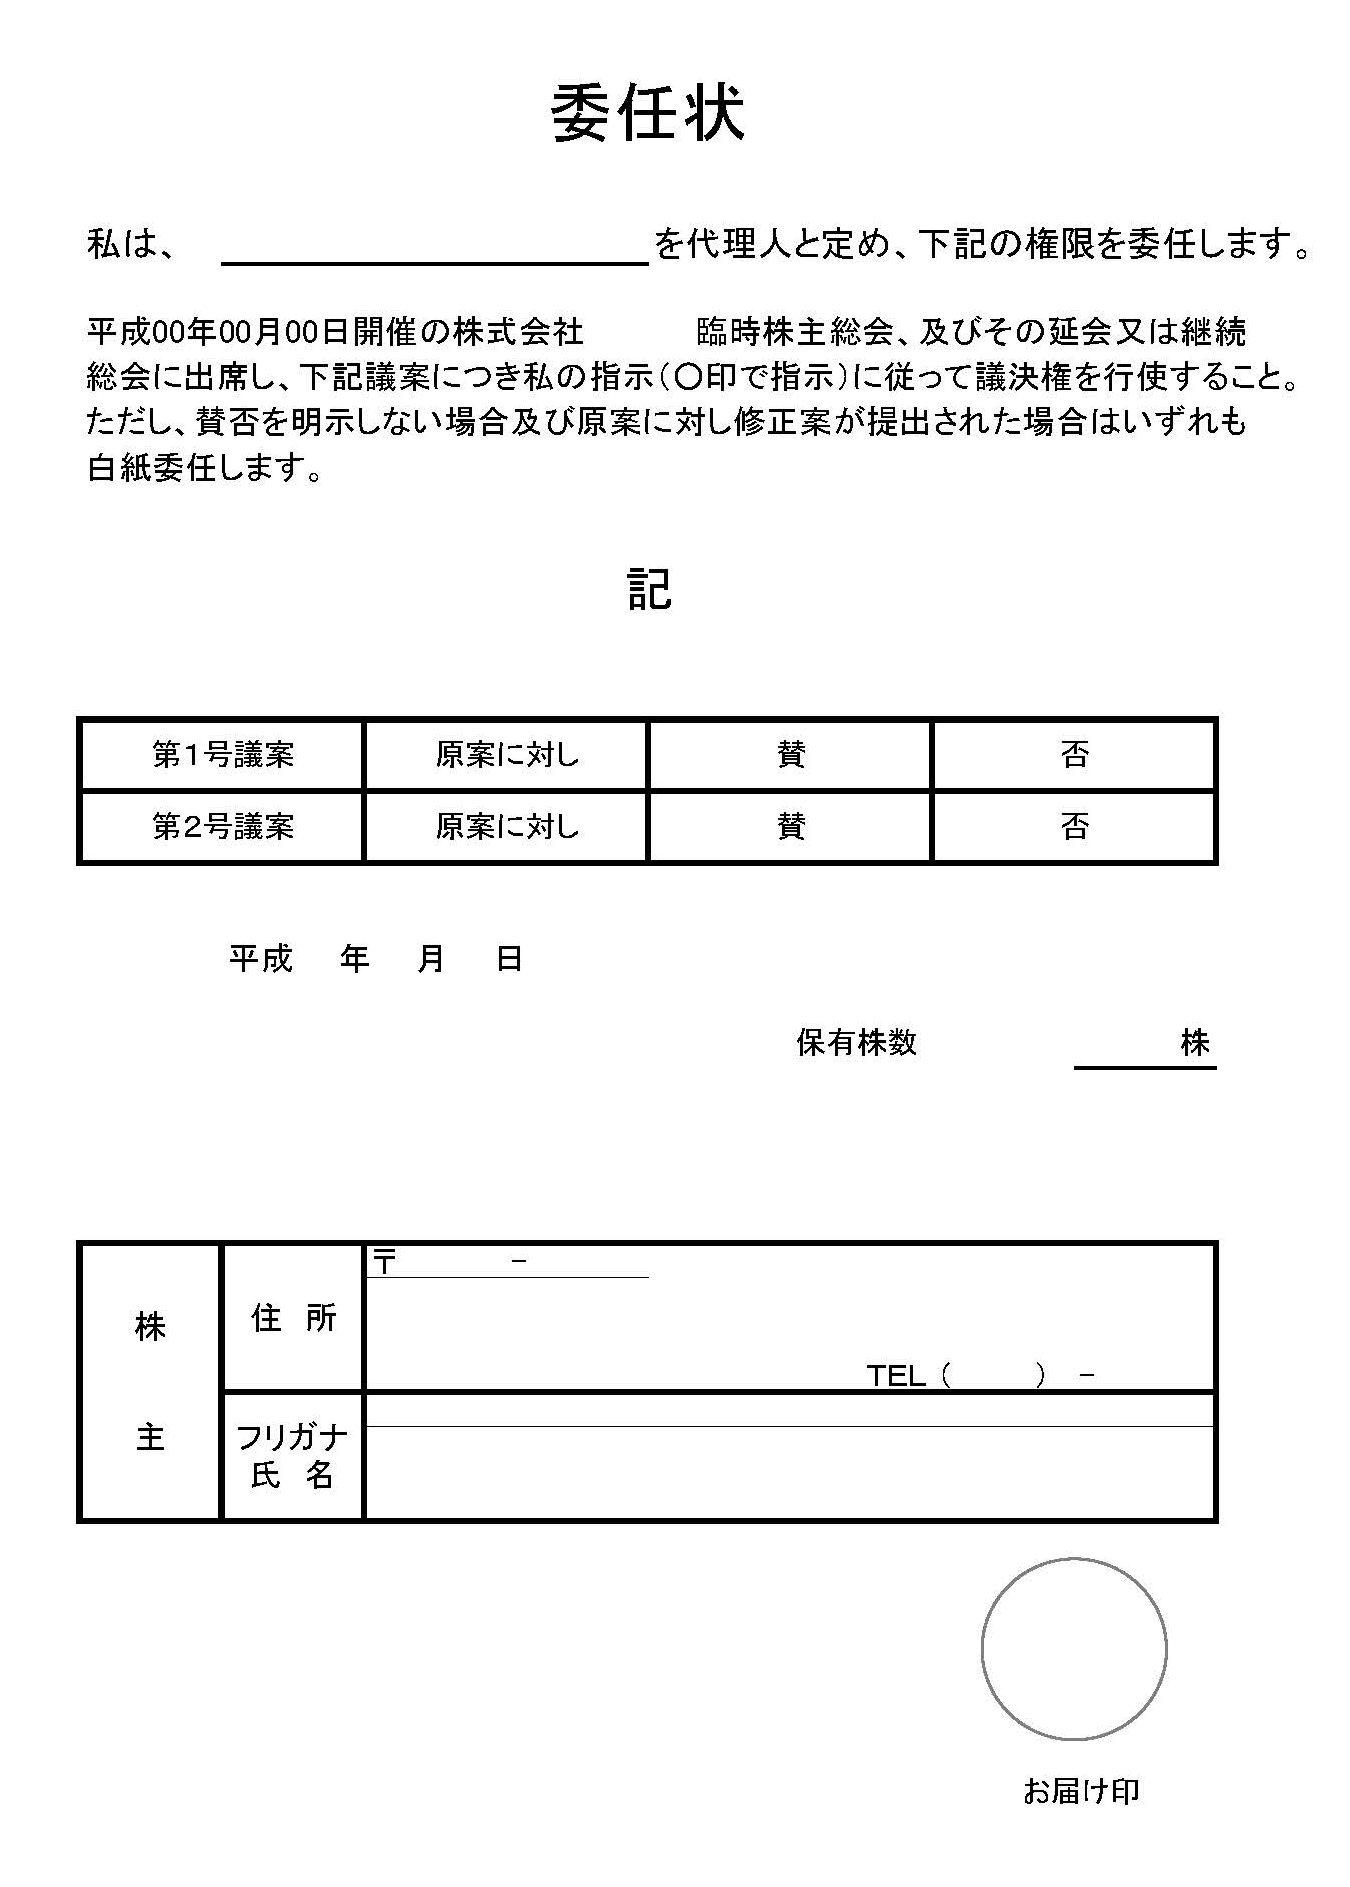 会員登録不要で無料でダウンロードできる委任状(議決権代理行使)のテンプレート書式